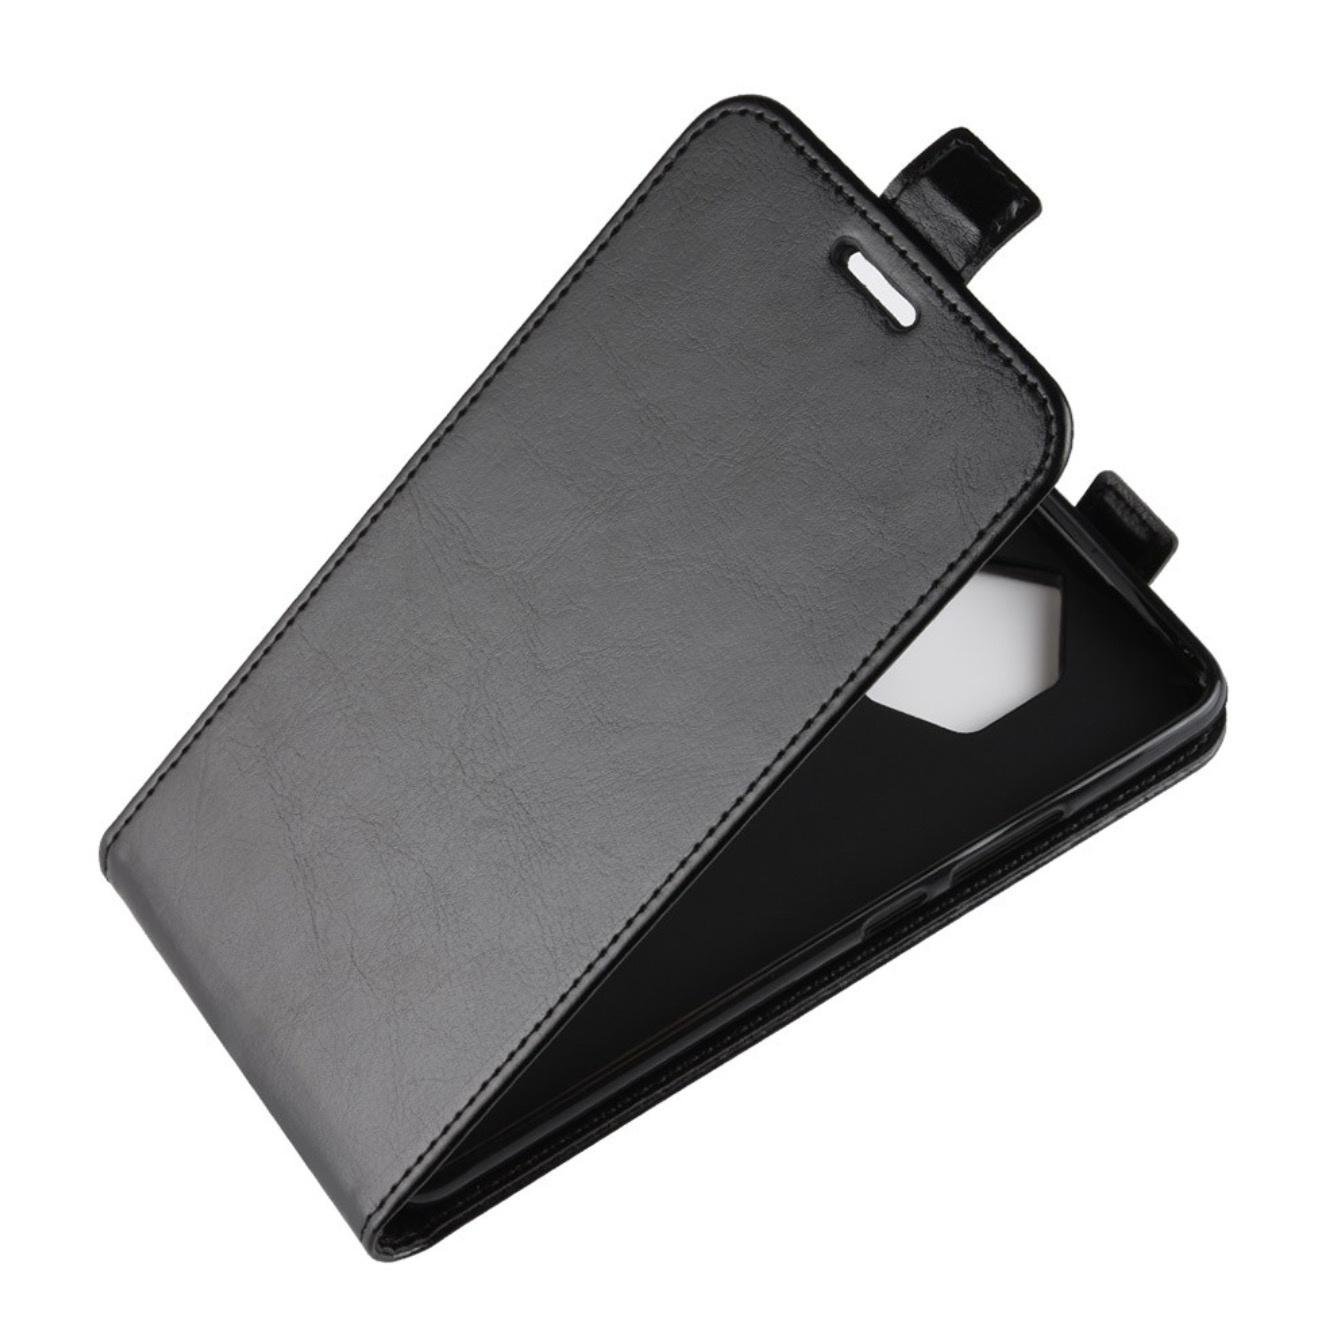 Чехол-флип MyPads для HTC Desire 516 Dual sim вертикальный откидной черный все цены